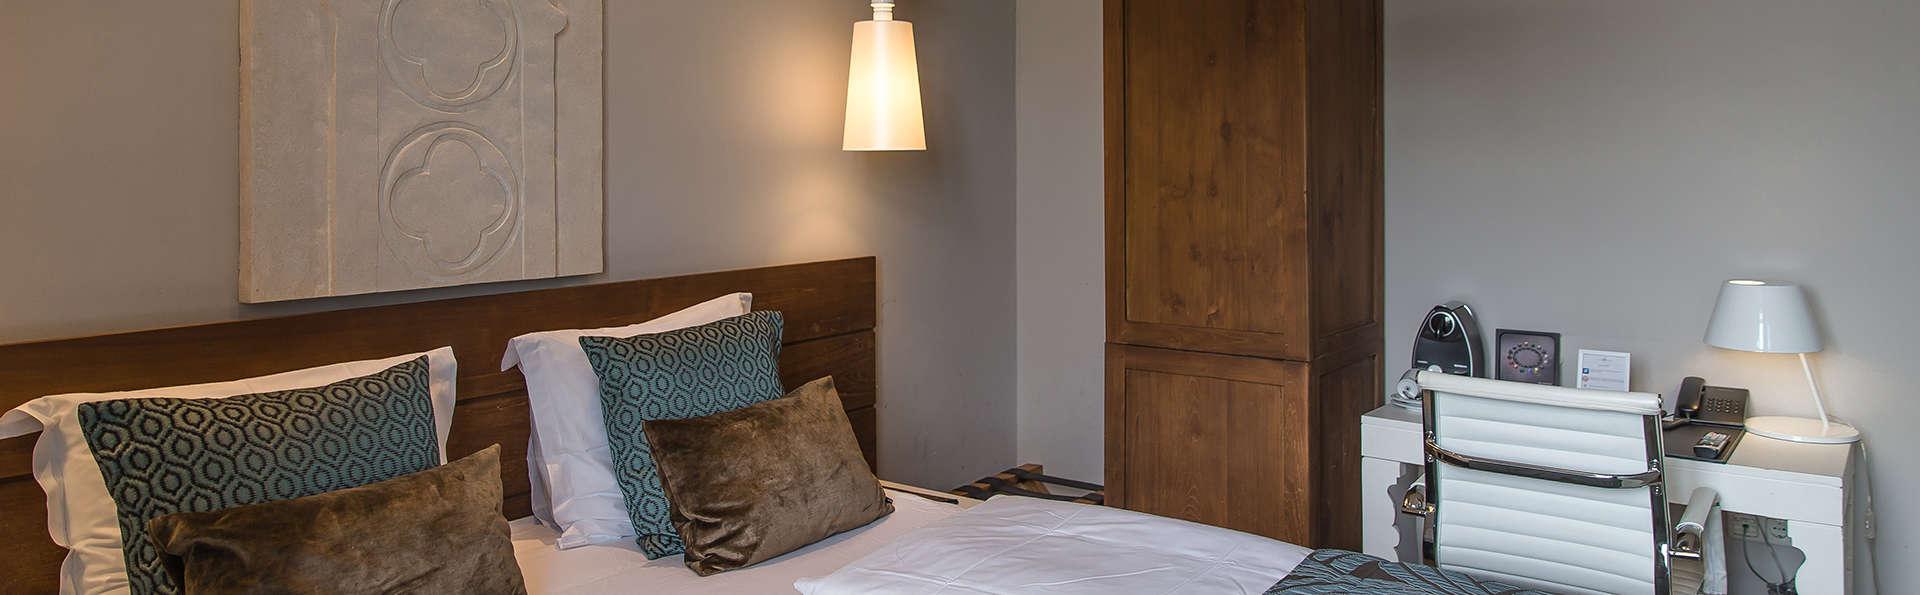 Suite romantique avec dîner de luxe à 4 plats dans un hôtel du monastère